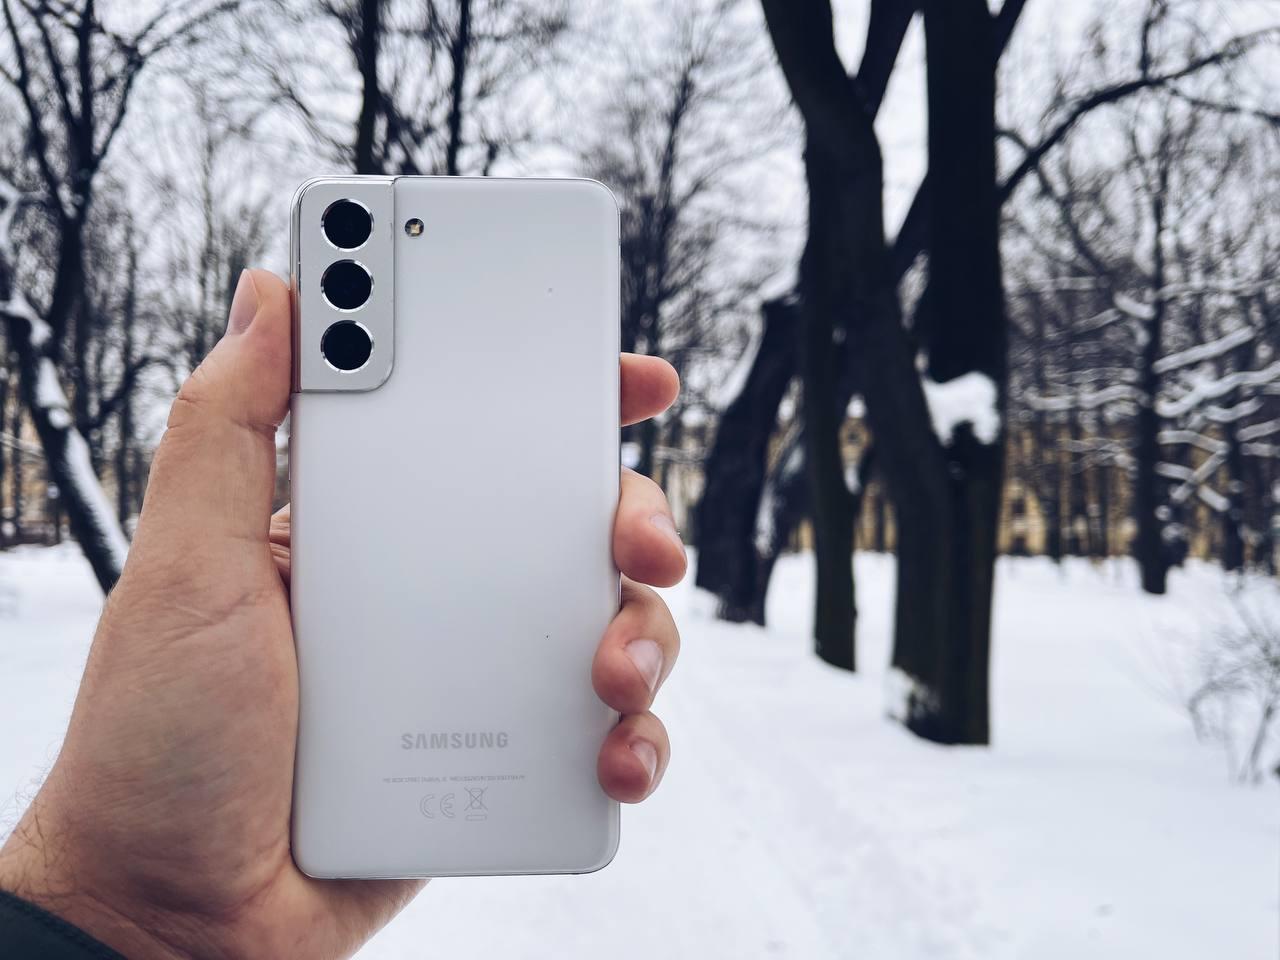 Обзор Samsung Galaxy S21: бескомпромиссный флагман в компактном корпусе